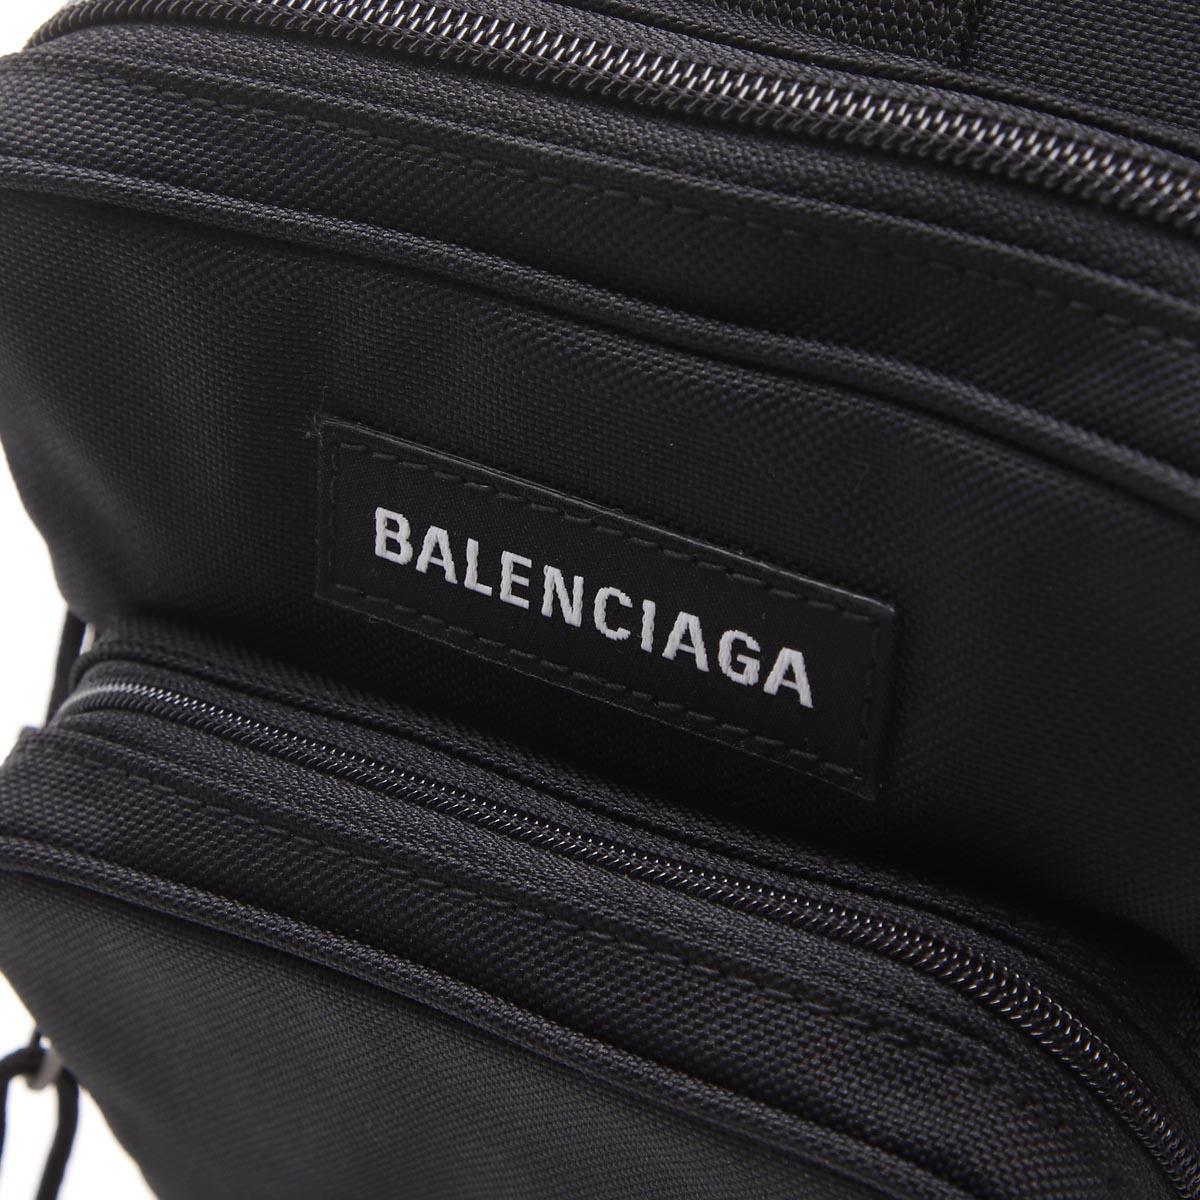 BALENCIAGA バレンシアガ ボディバッグ/クロスボディバッグ ワンショルダーバッグ/EXPLORER メンズ